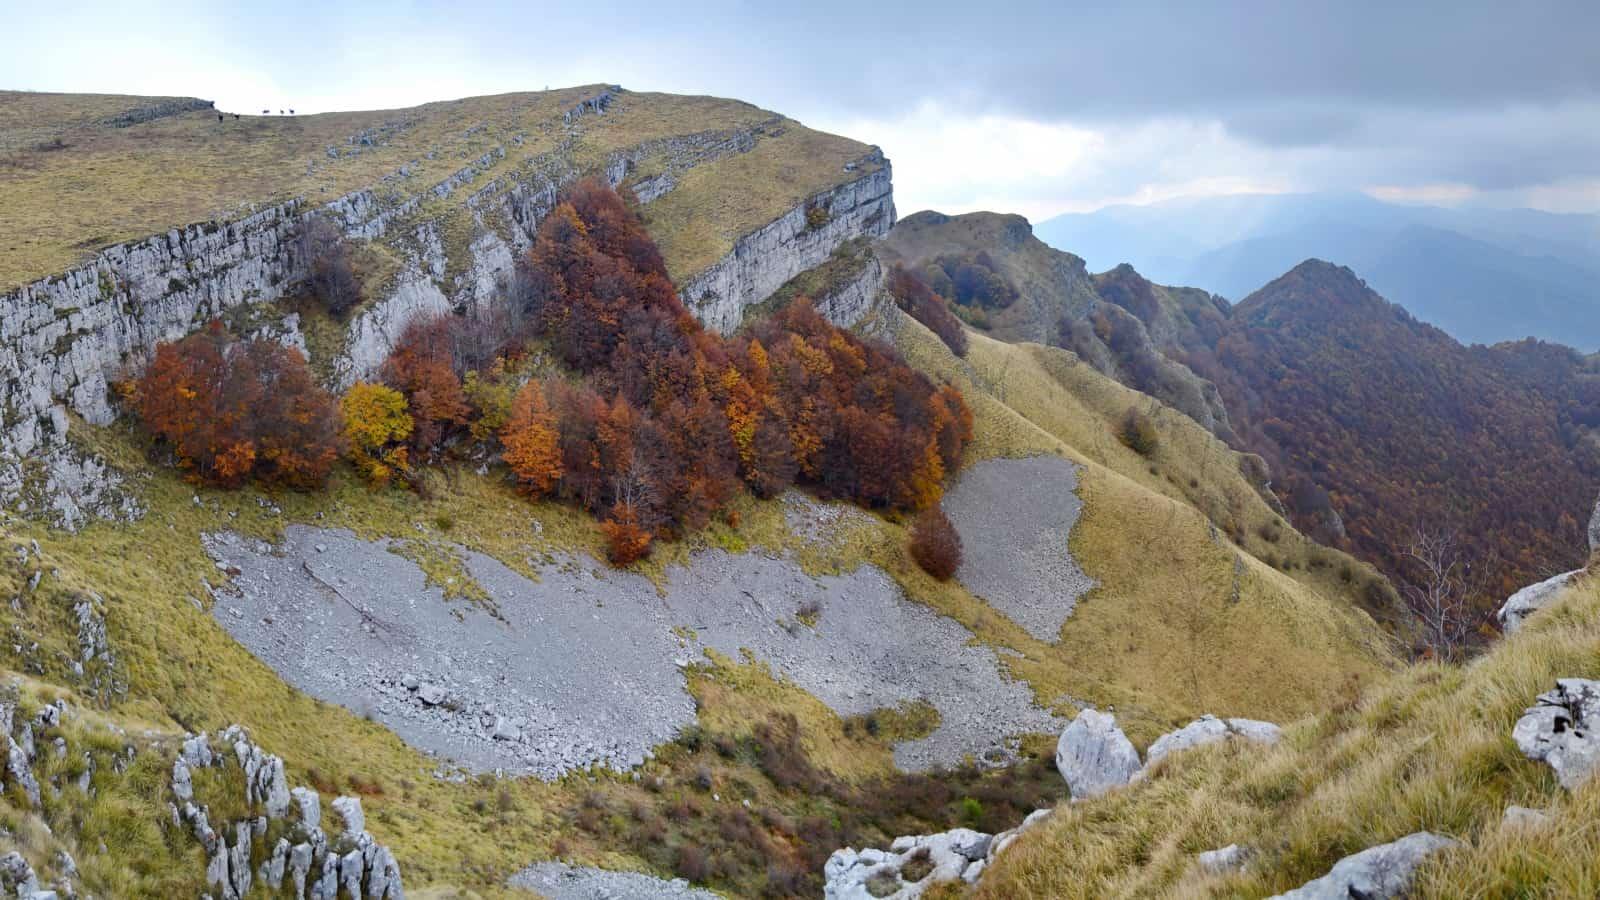 Buchen mit herbstlicher Laubverfärbung unterhalb des Bergrückens der Mare Wand - Panoramaaufnahme - Foto: Vrachanski Balkan Naturpark/Krasimir Lakovski